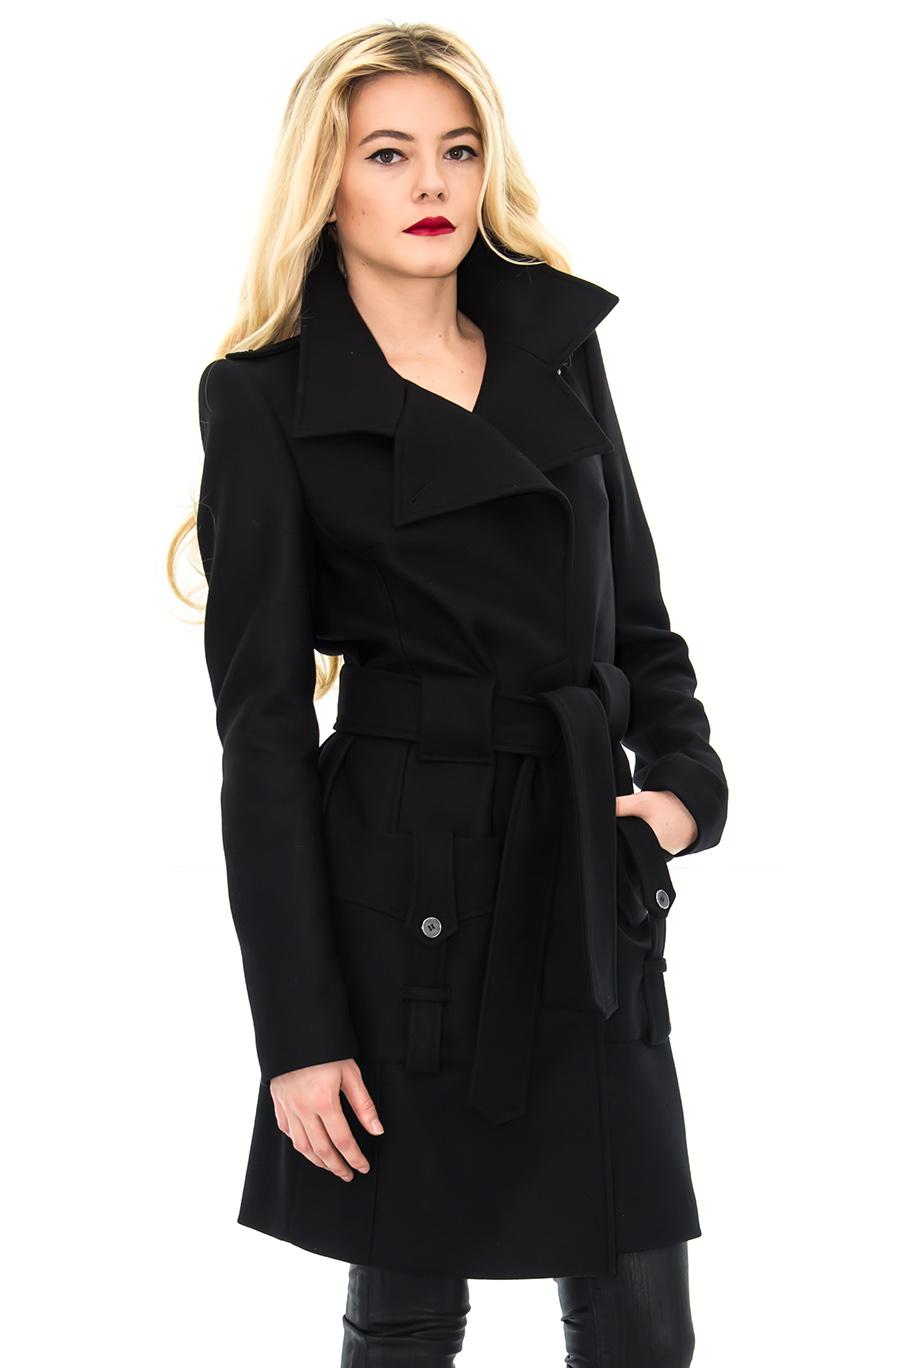 manteau cachemire manteau noir manteau mode manteau. Black Bedroom Furniture Sets. Home Design Ideas